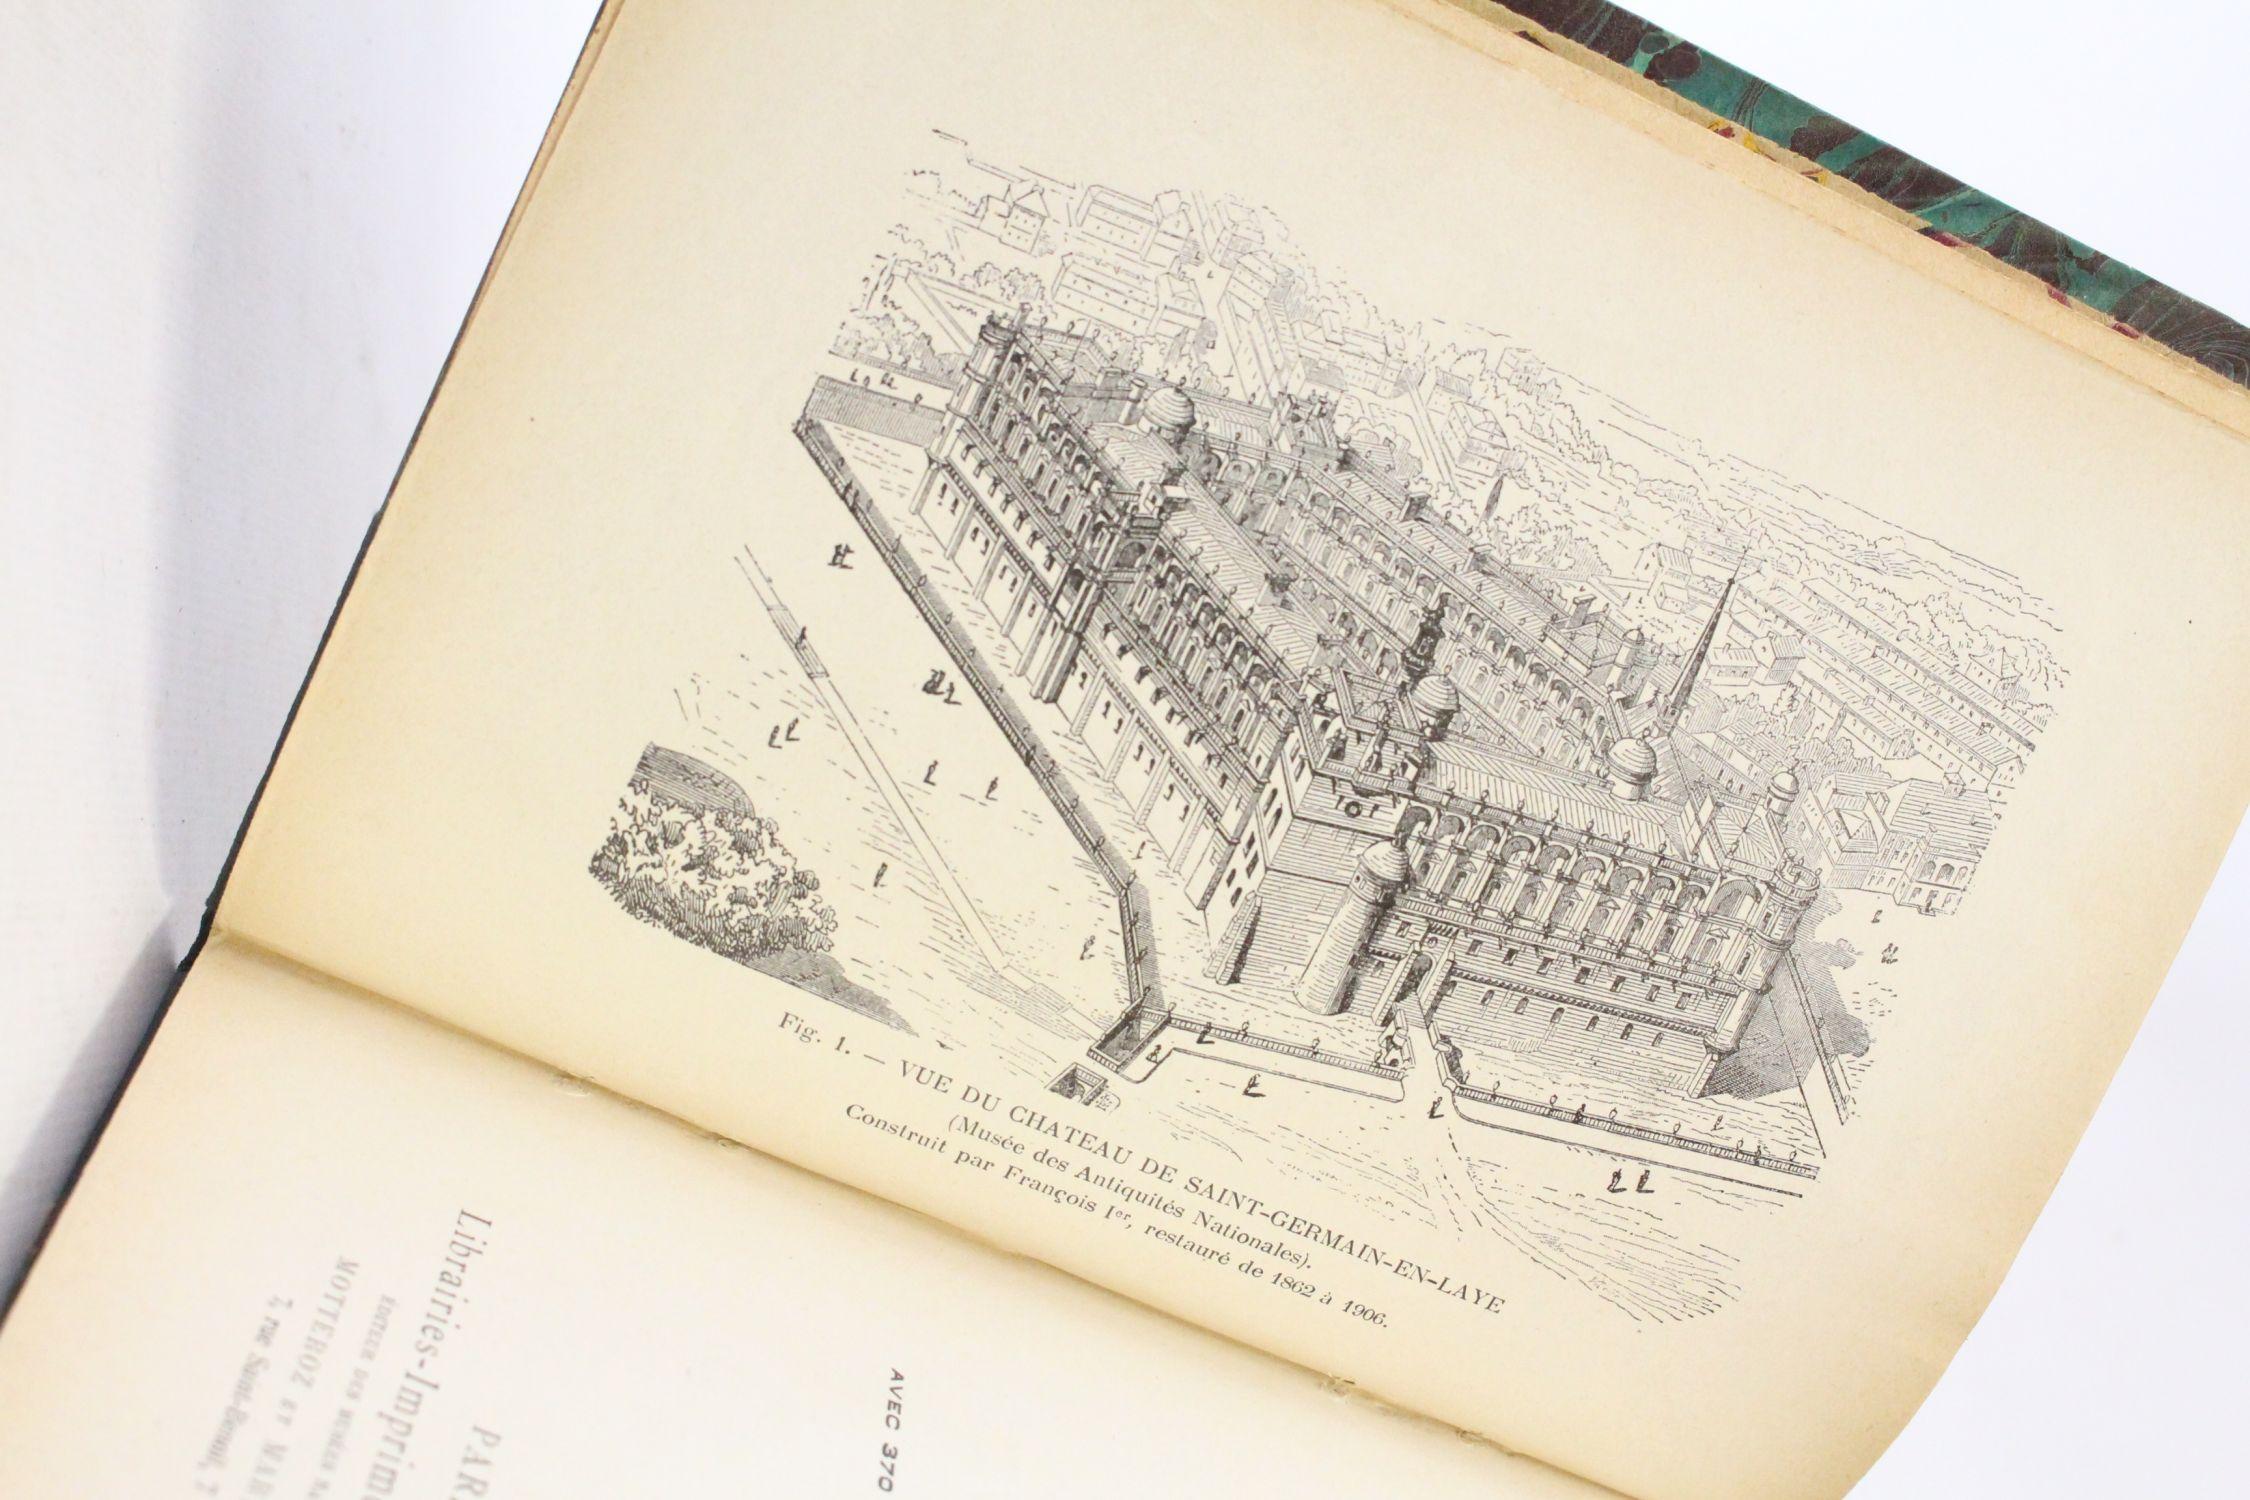 Chimica Petulanza Raccogli le foglie  REINACH : Guide illustré du musée de Saint-Germain - Edition Originale -  Edition-Originale.com